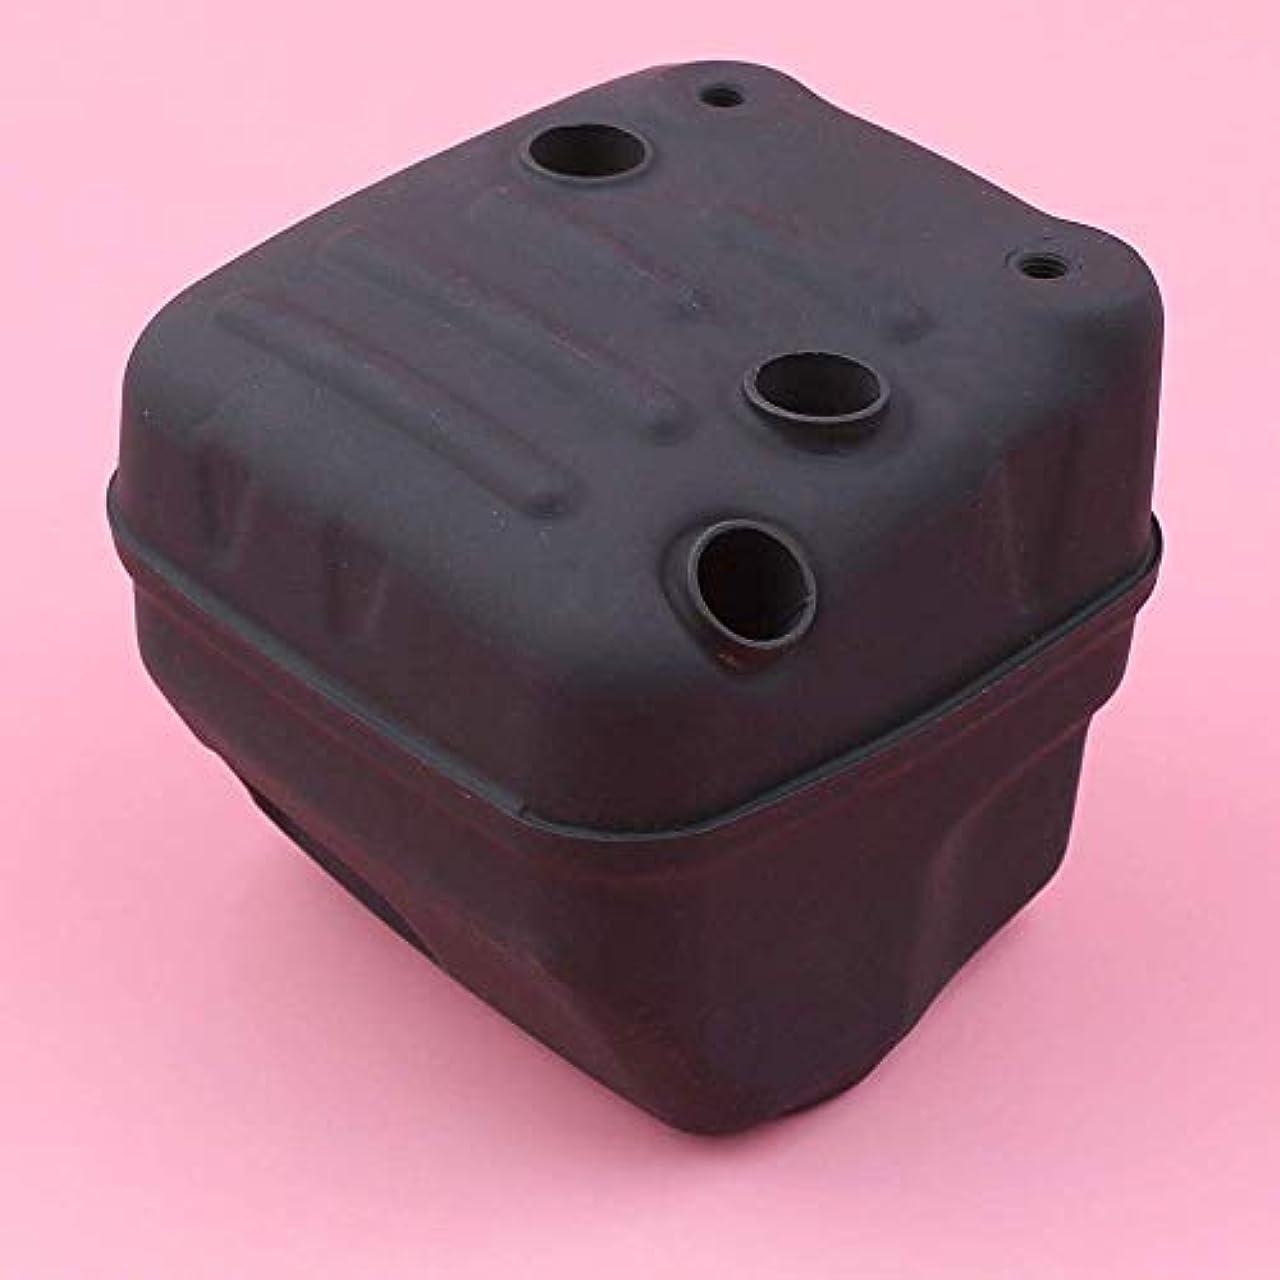 フェンスプロジェクター強大なAiCheaXツール-ハスクバーナ用エキゾーストマフラーサイレンサー357 357XP 359 EPA 359チェーンソーガーデンツールスペア交換部品503917601